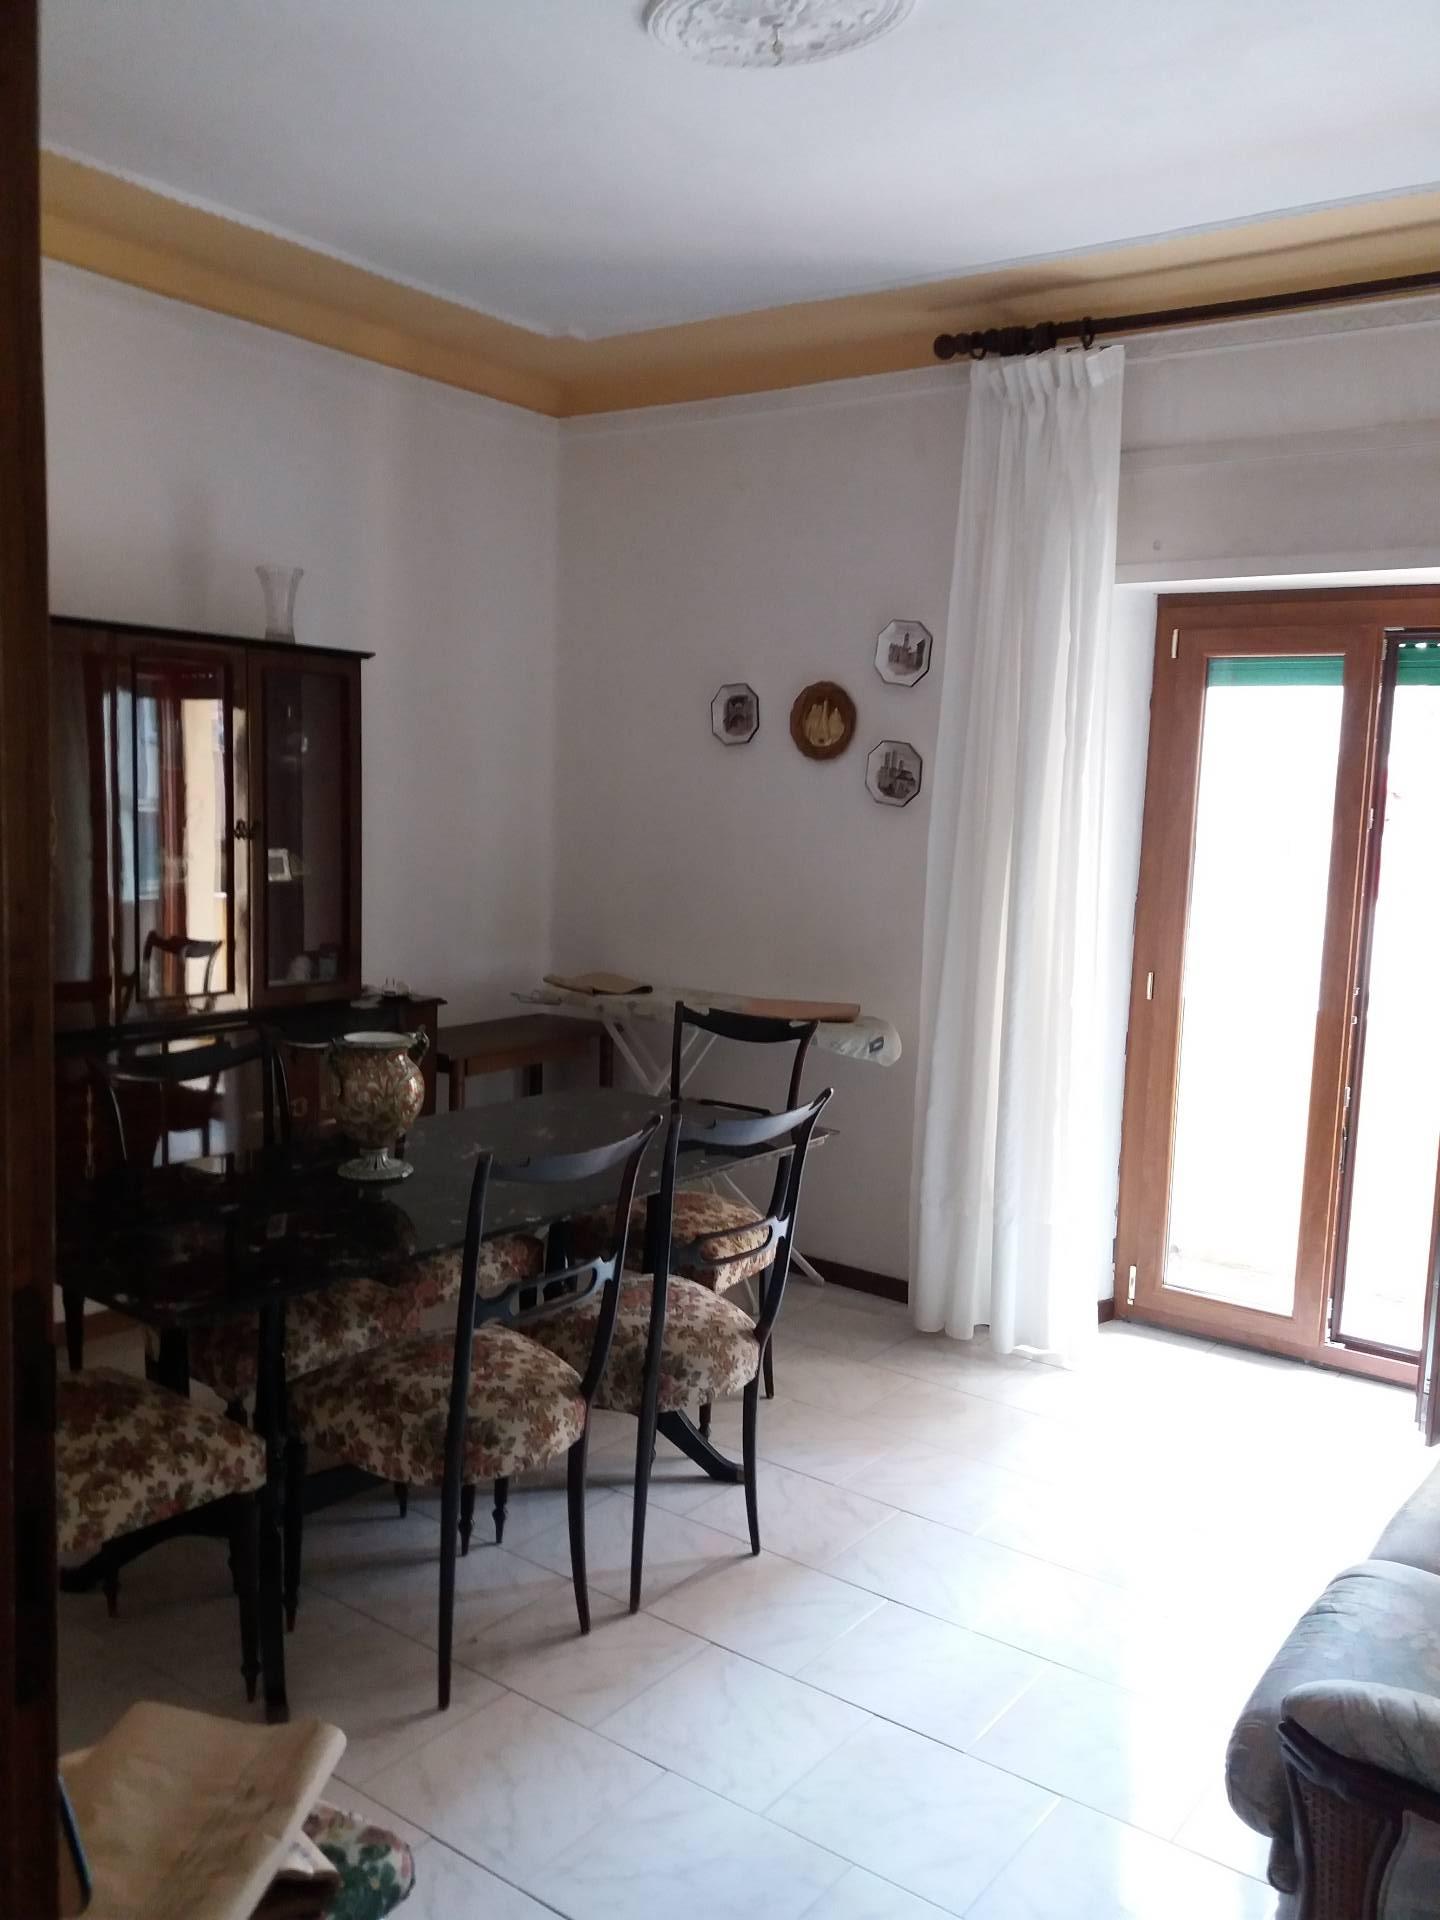 Appartamento in vendita a Ascoli Piceno, 4 locali, zona Località: P.taRomana, prezzo € 129.000 | Cambio Casa.it